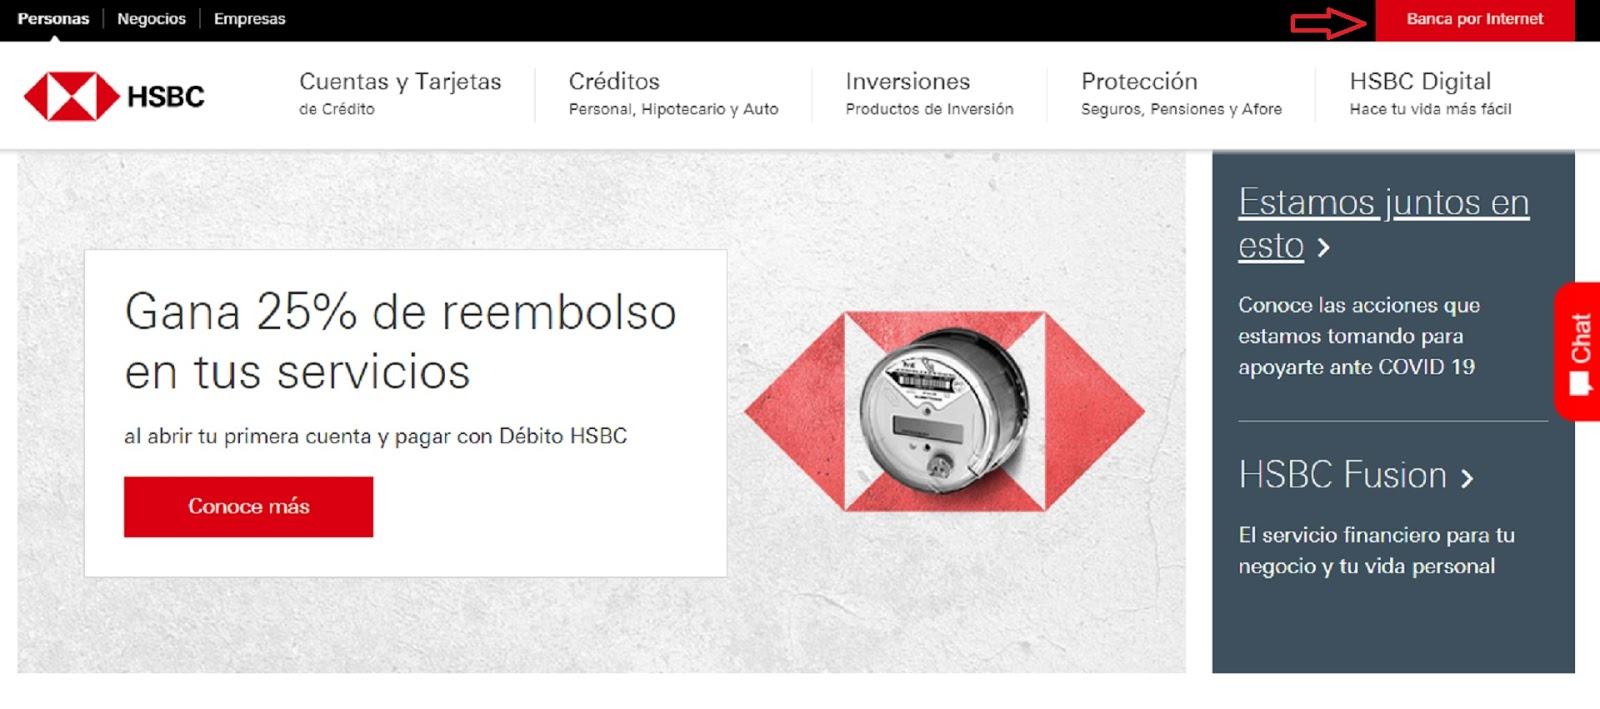 Cómo Averiguar Mi Saldo De HSBC En Internet